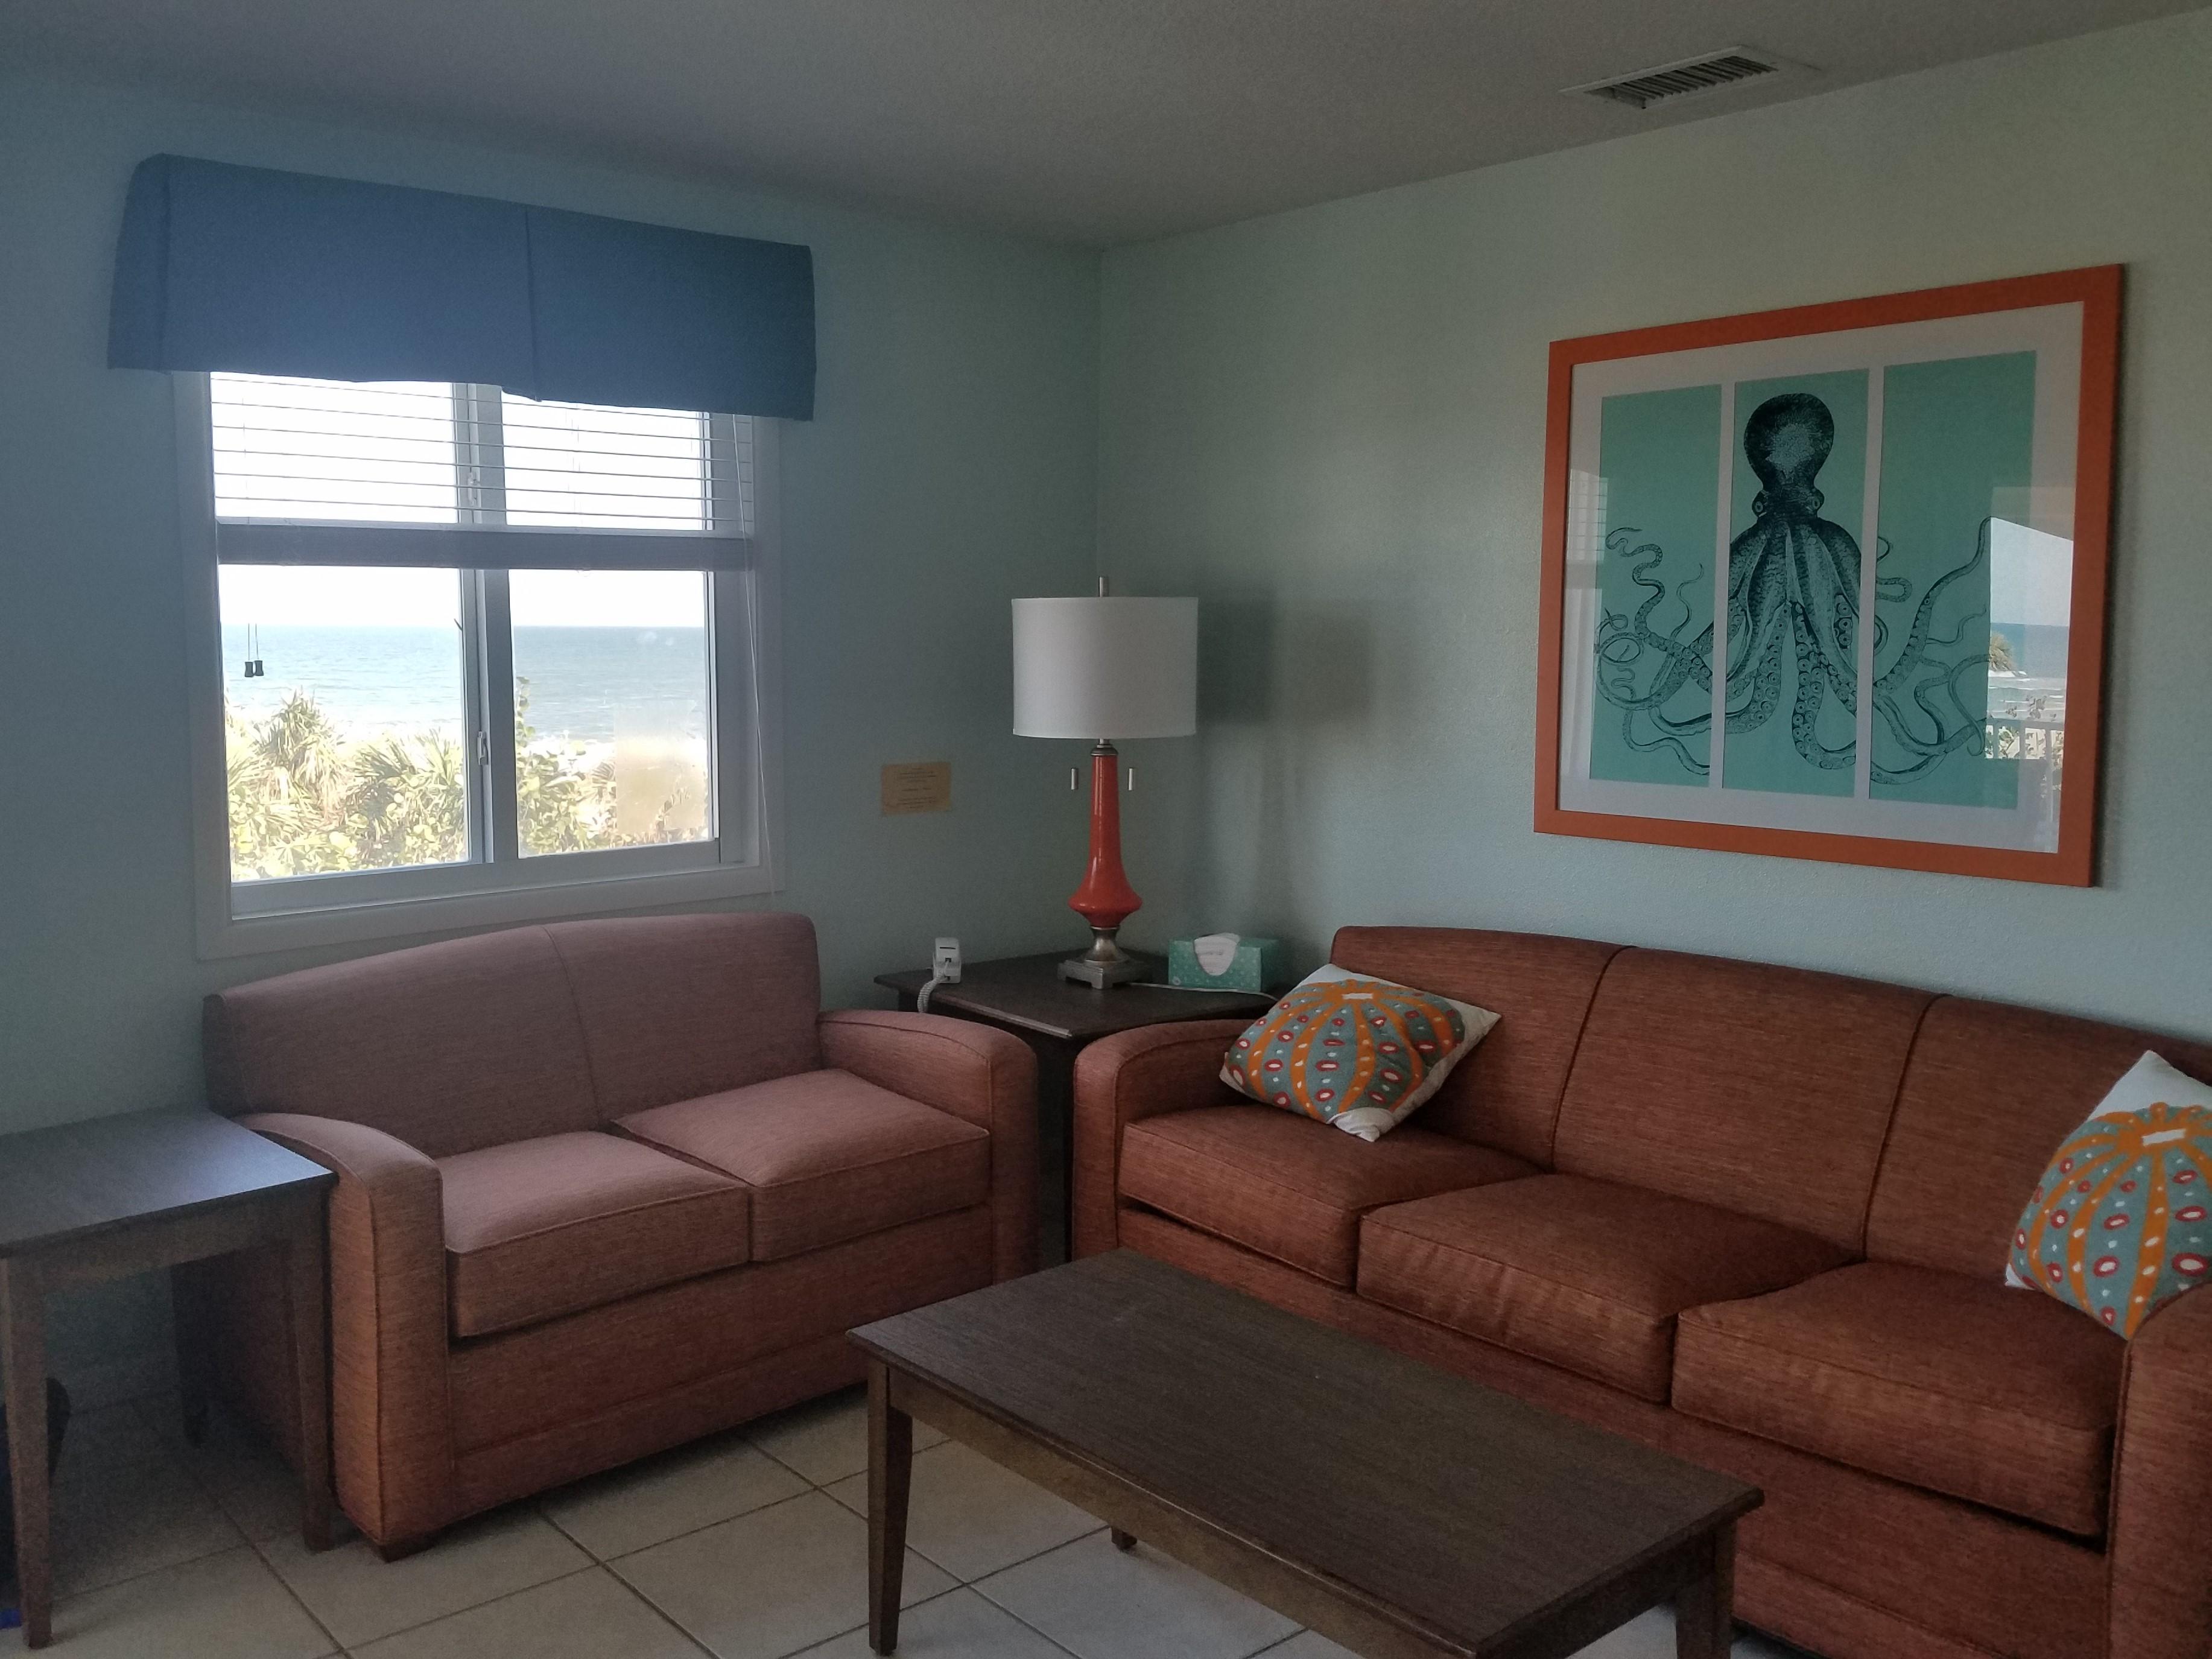 Sea Villas at New Smyrna Waves resort image